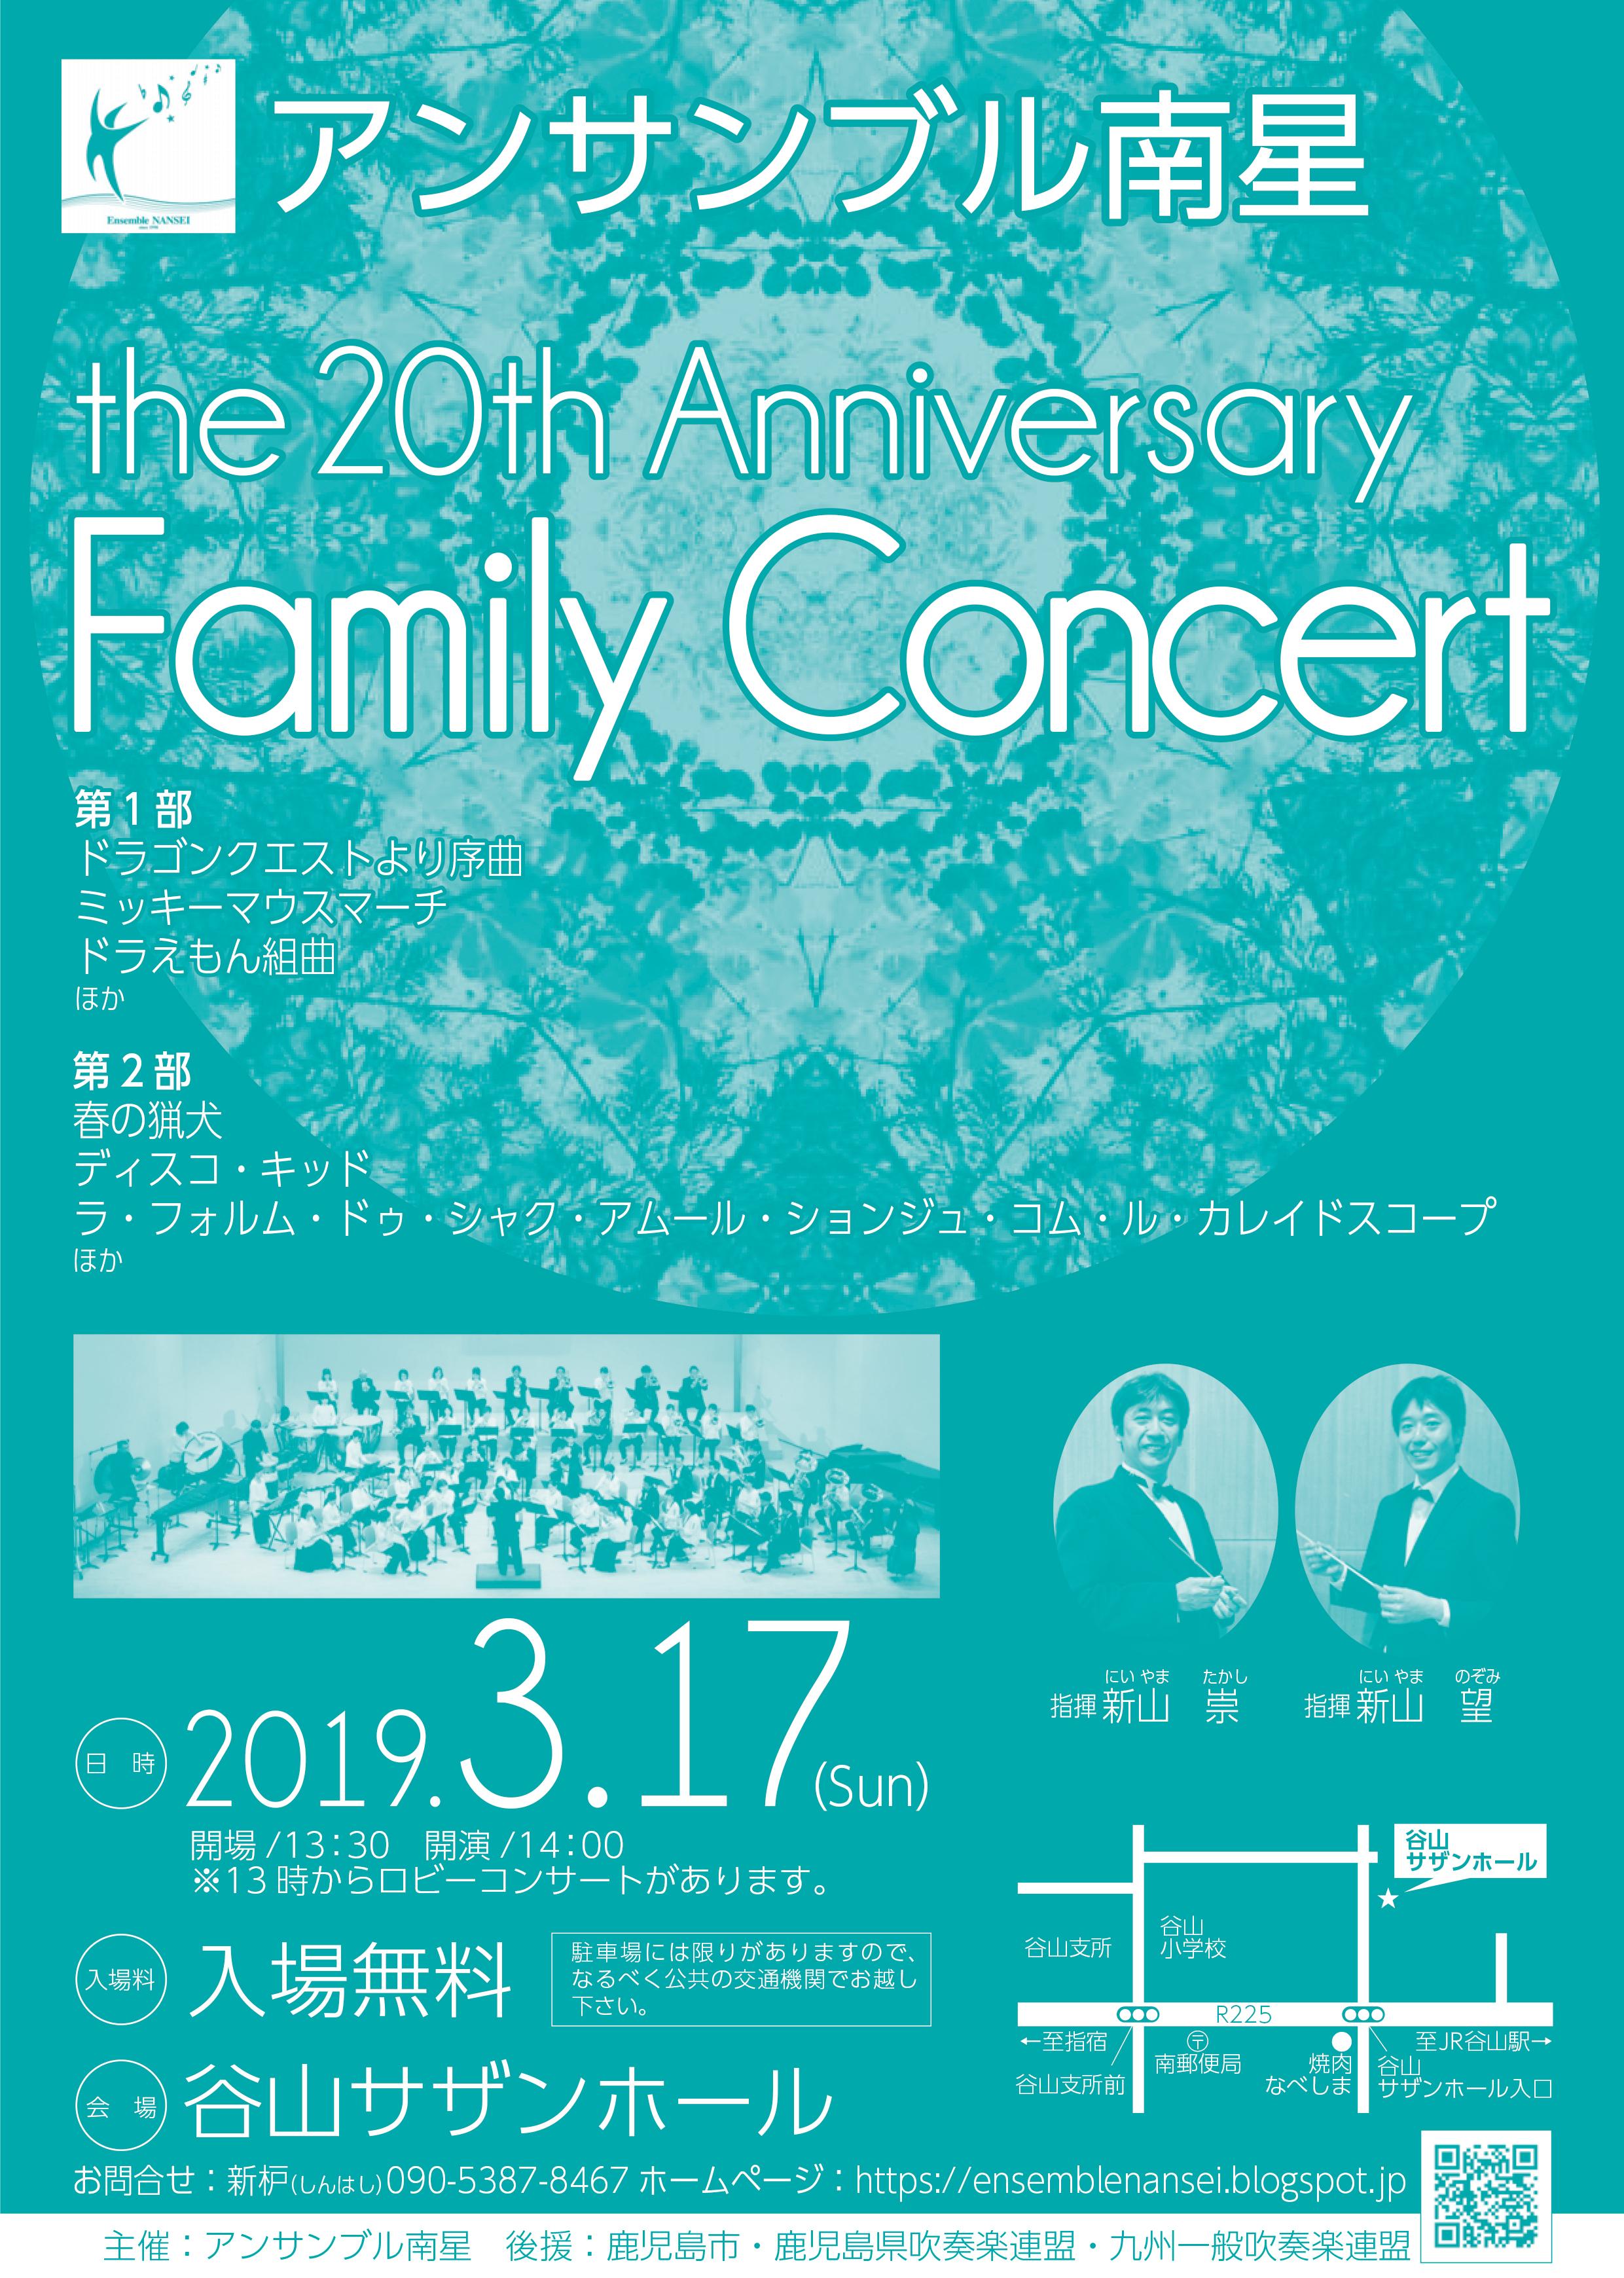 アンサンブル南星 第20回記念ファミリーコンサート